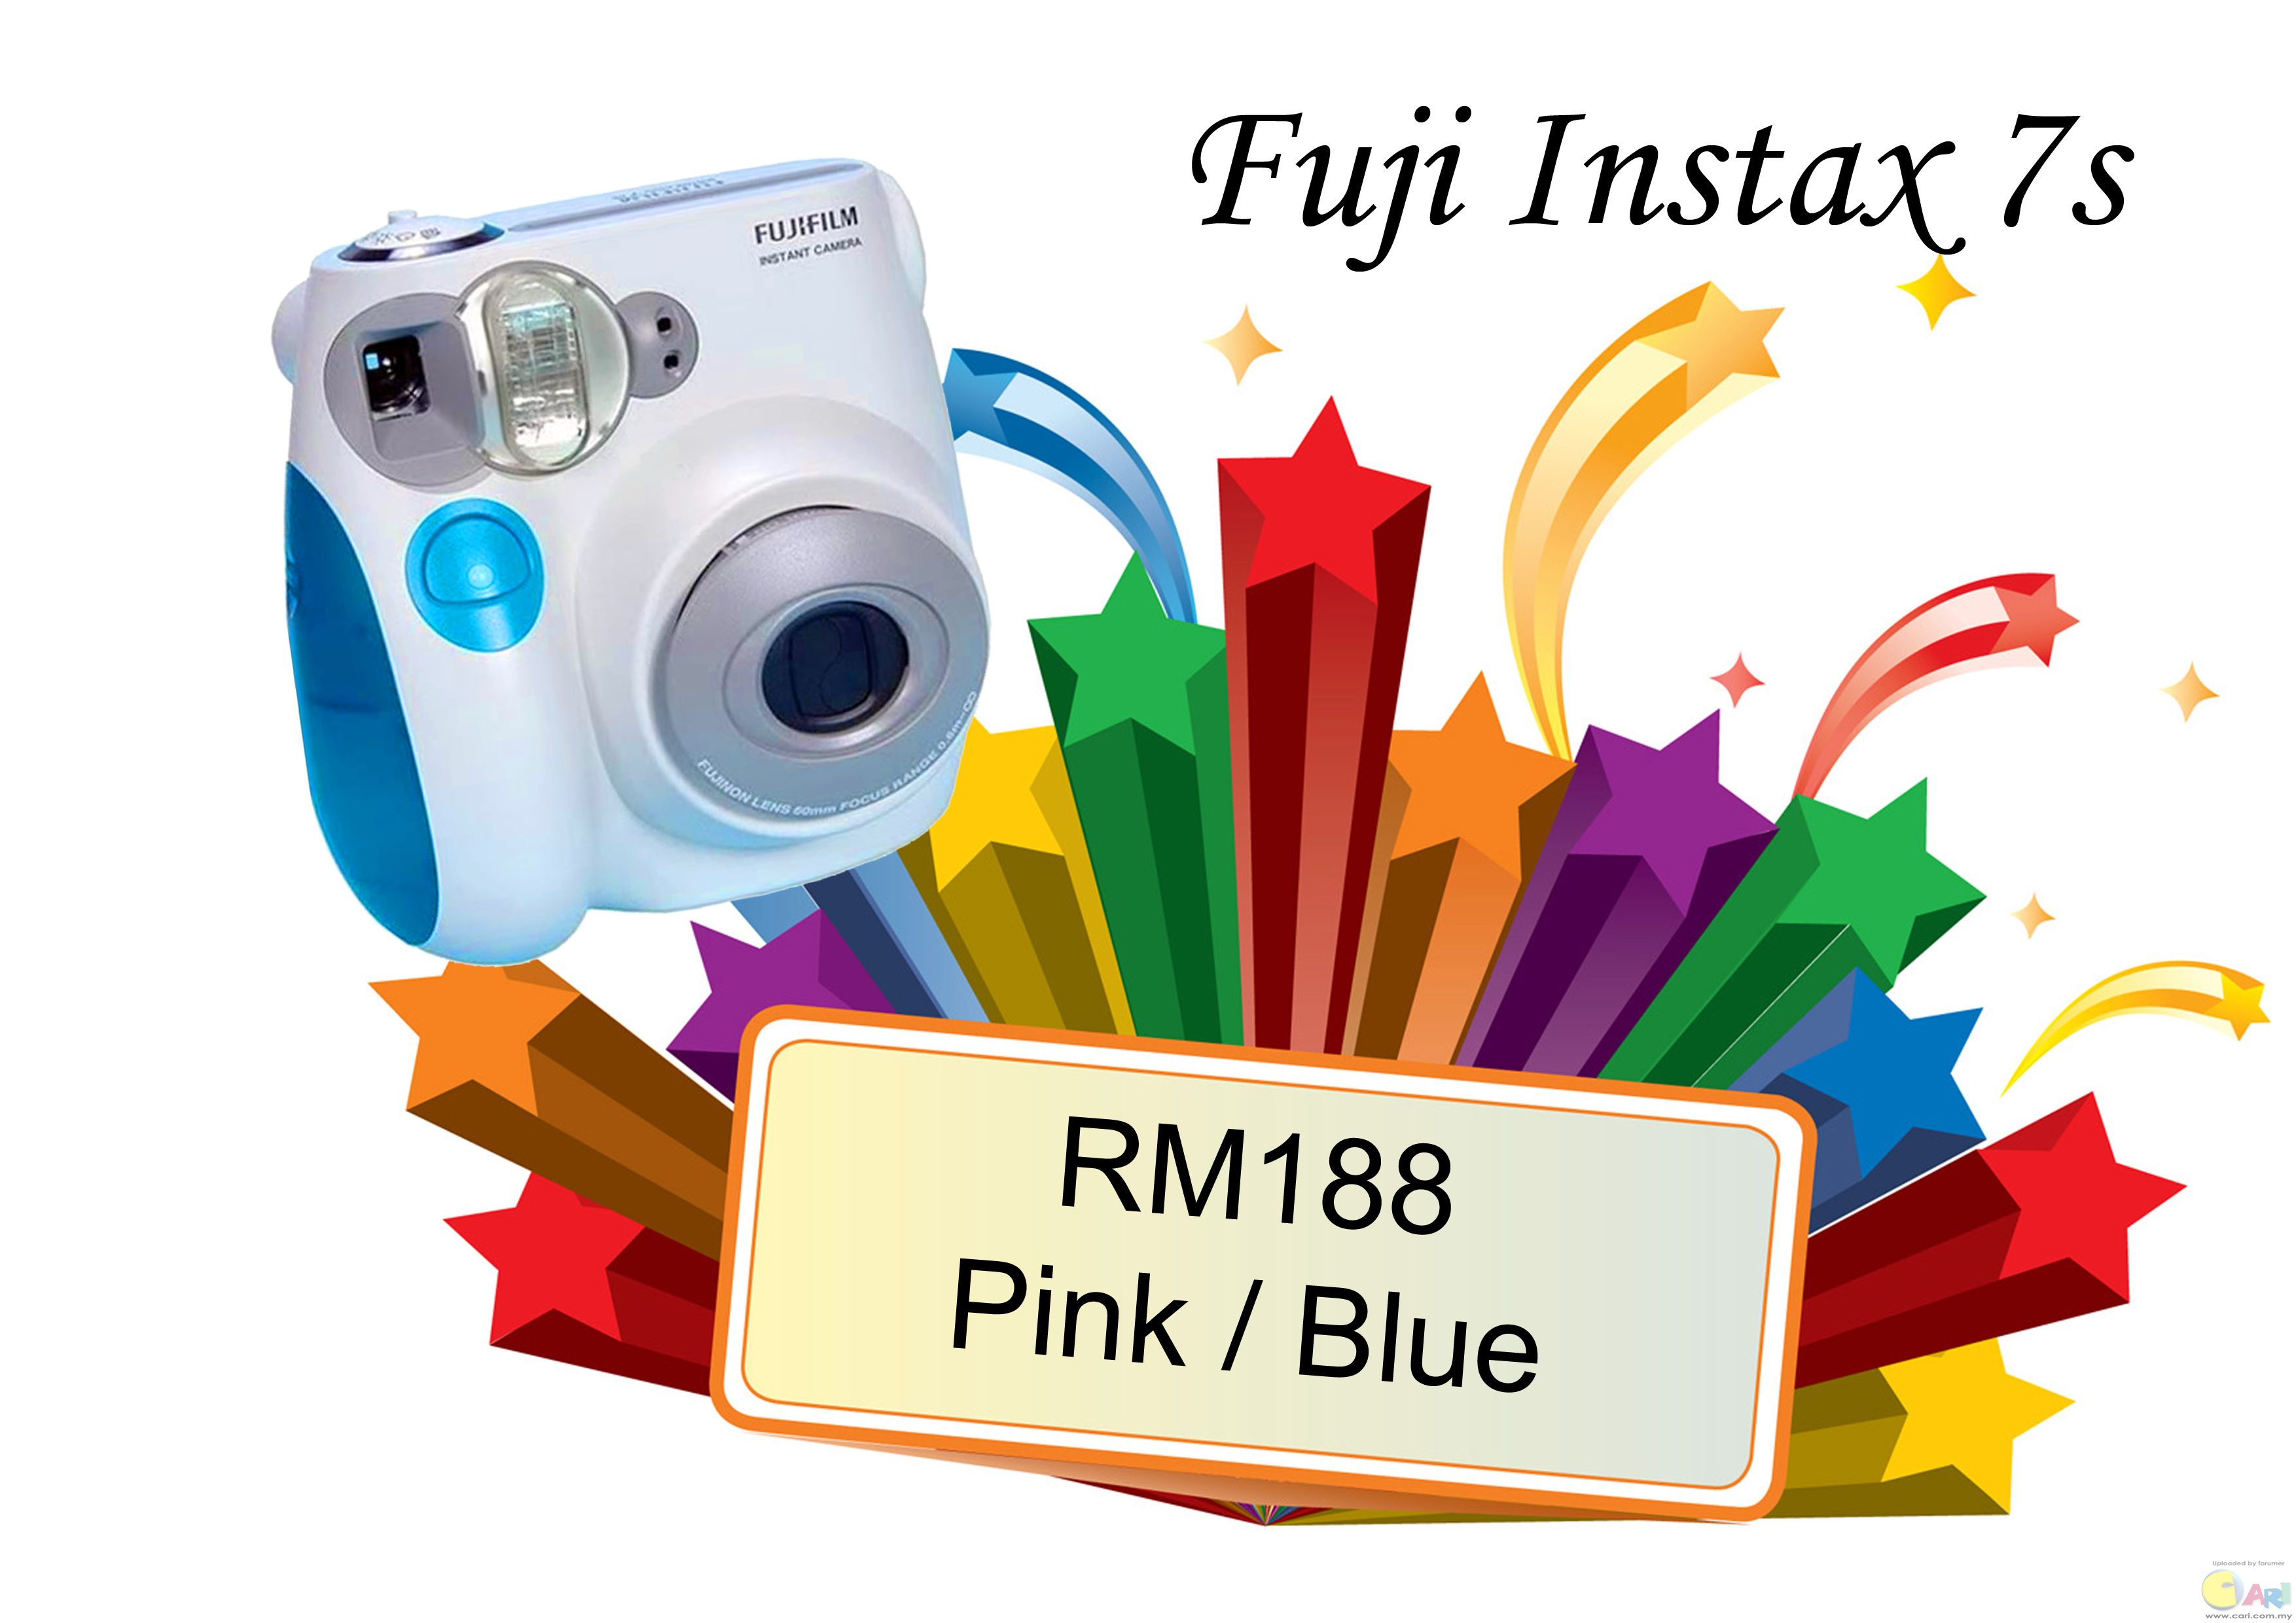 Fuji Instax 7s.jpg